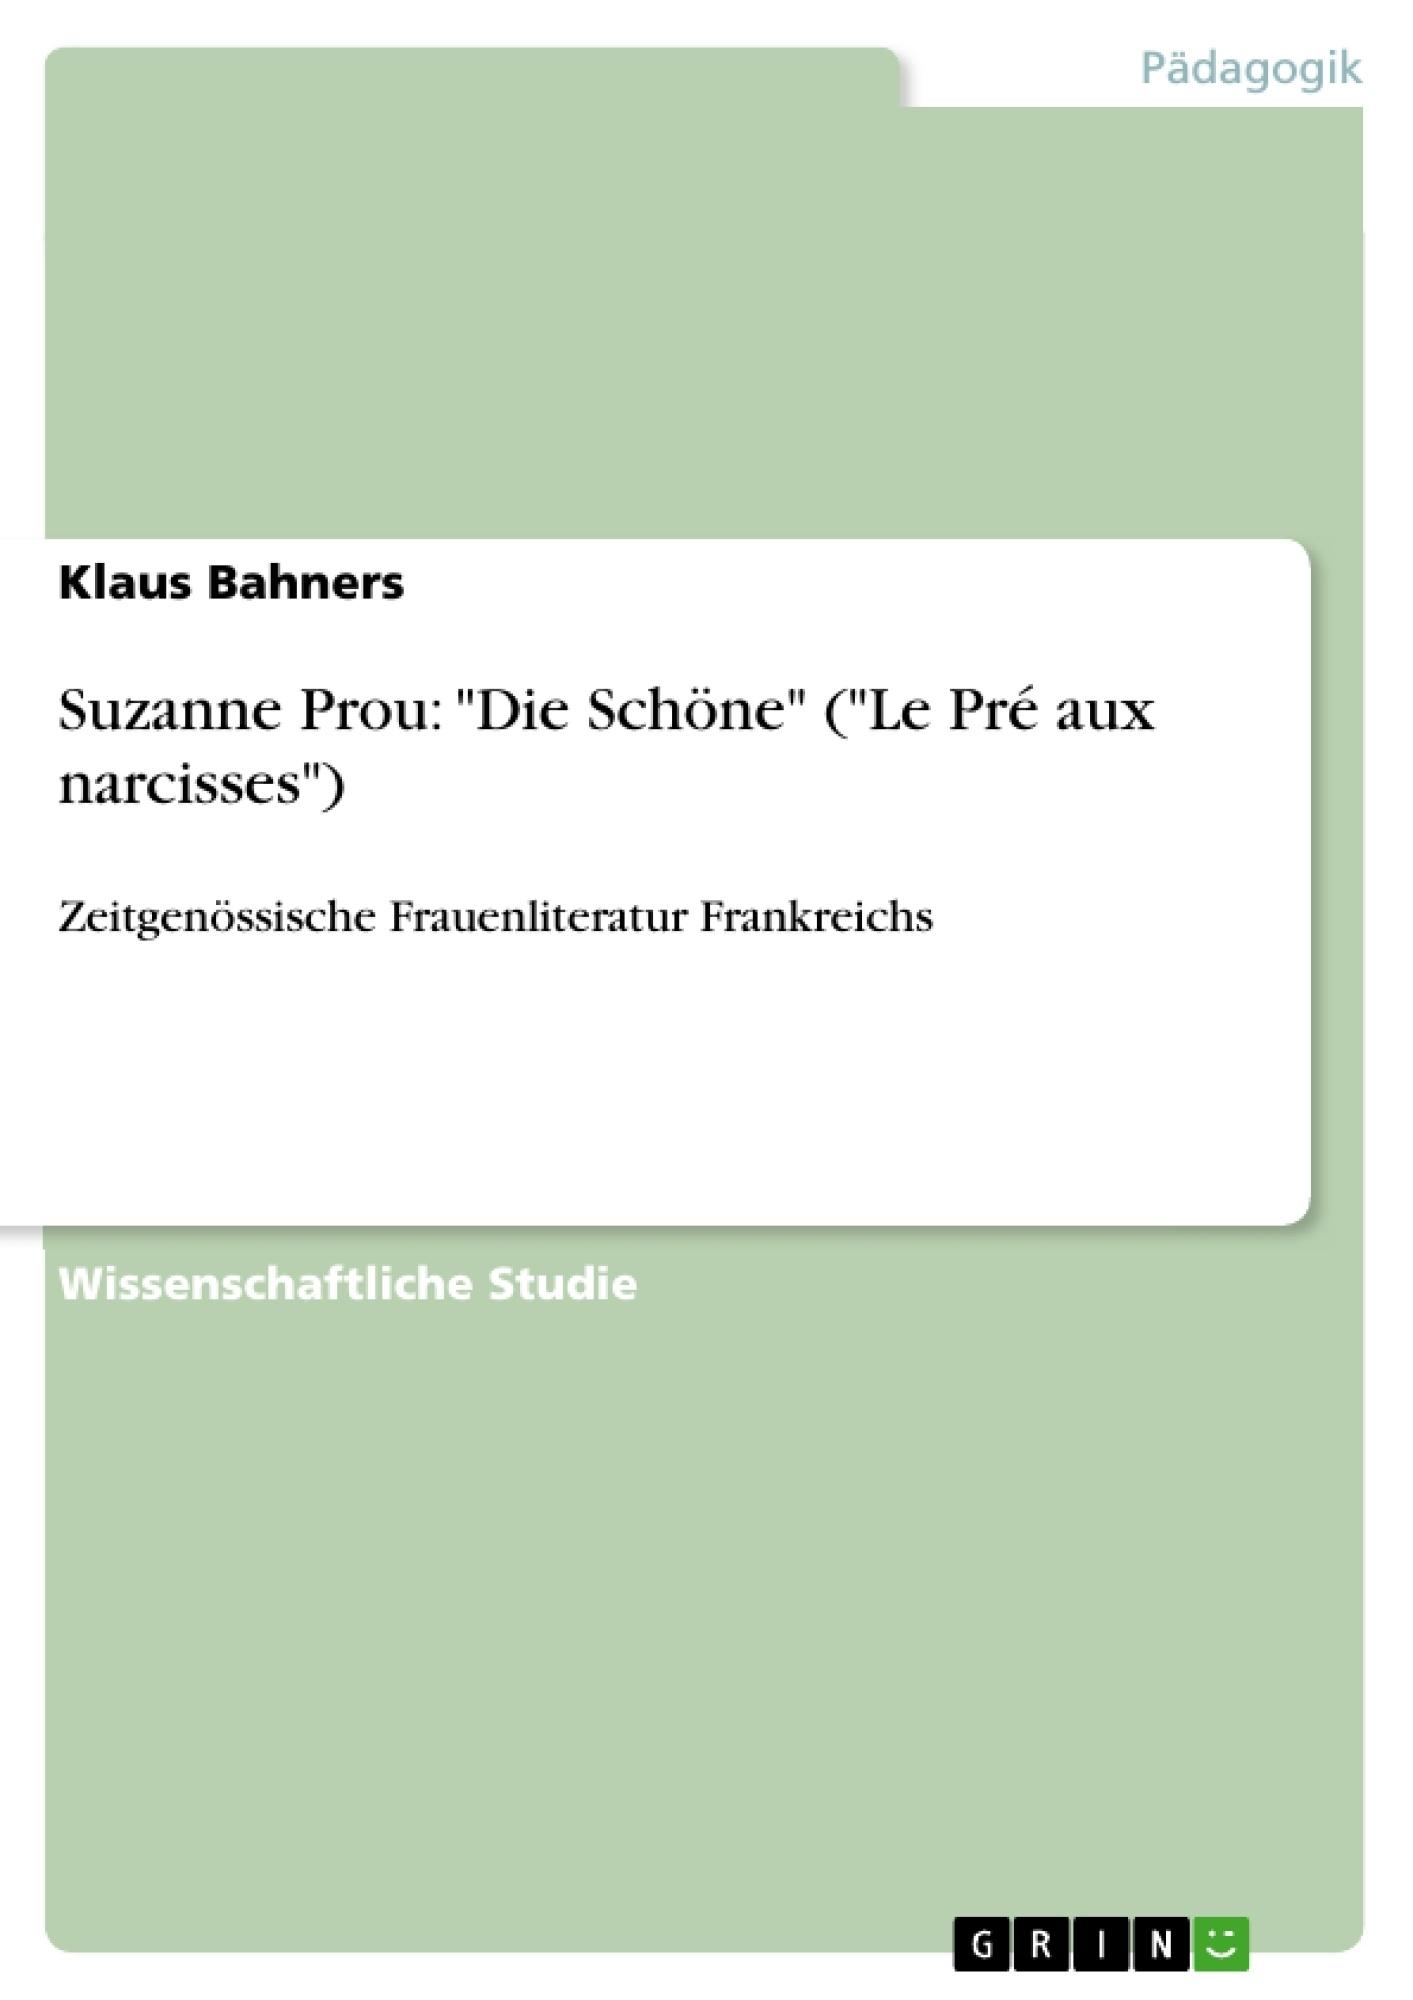 """Titel: Suzanne Prou: """"Die Schöne"""" (""""Le Pré aux narcisses"""")"""